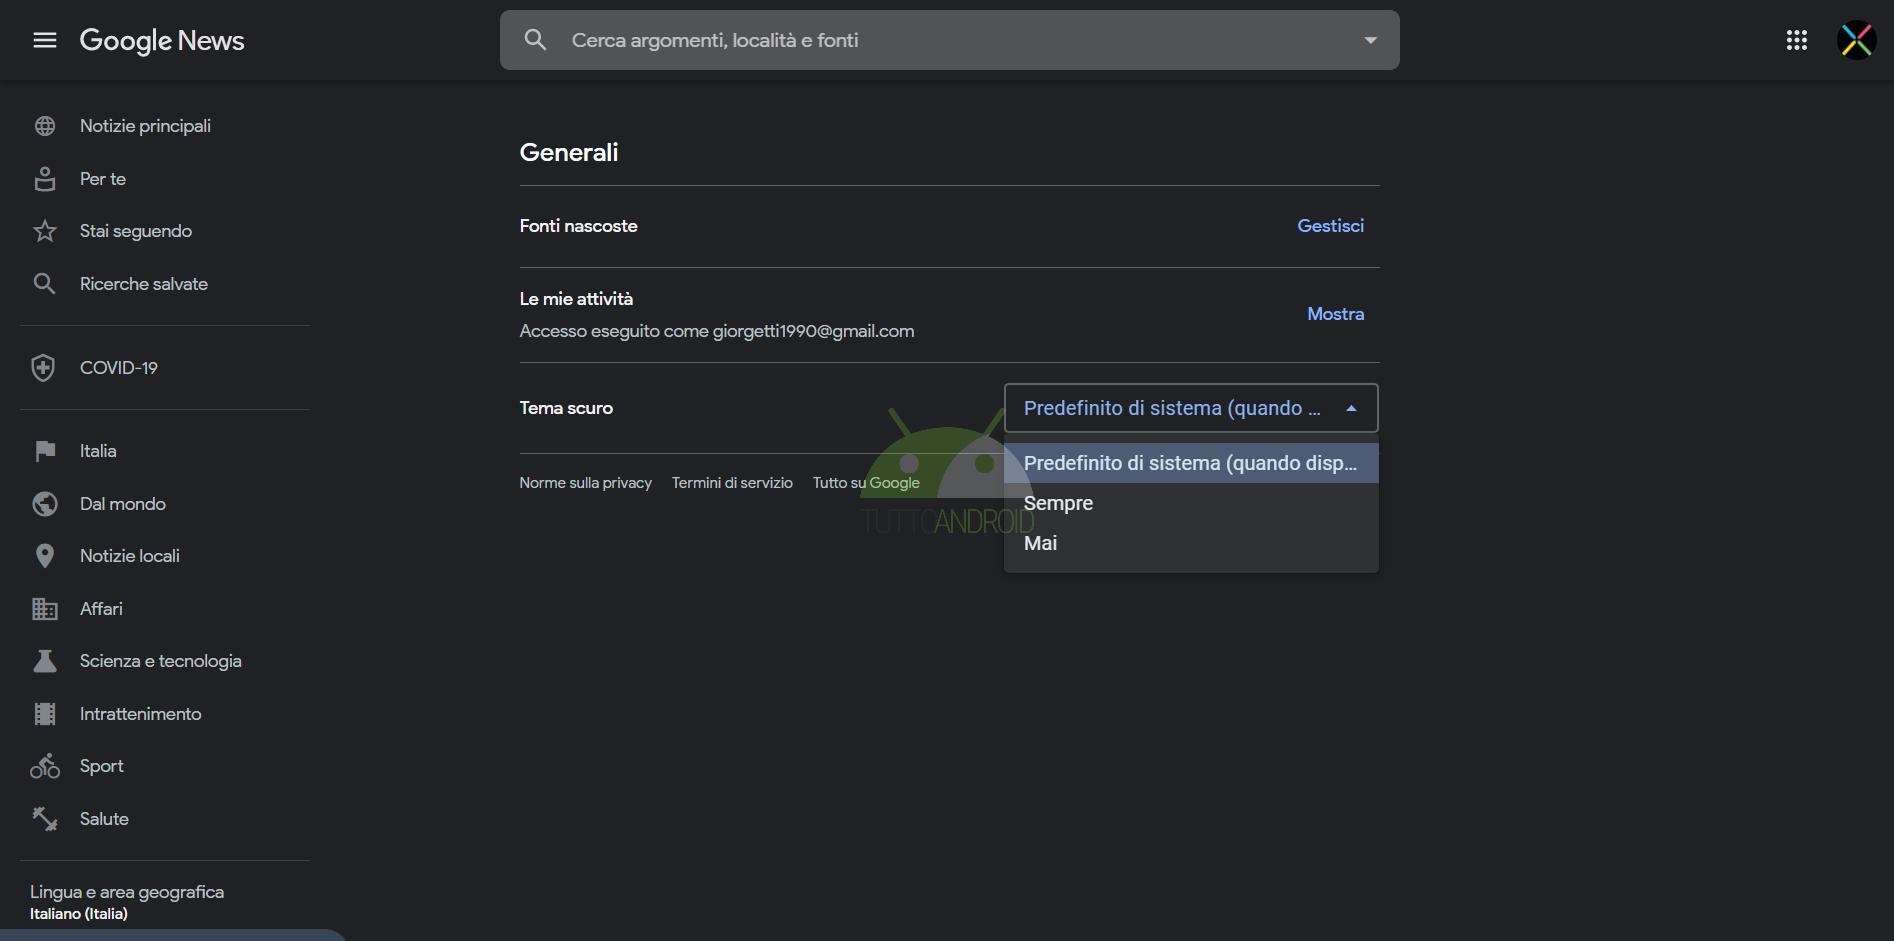 come attivare tema scuro Google News web